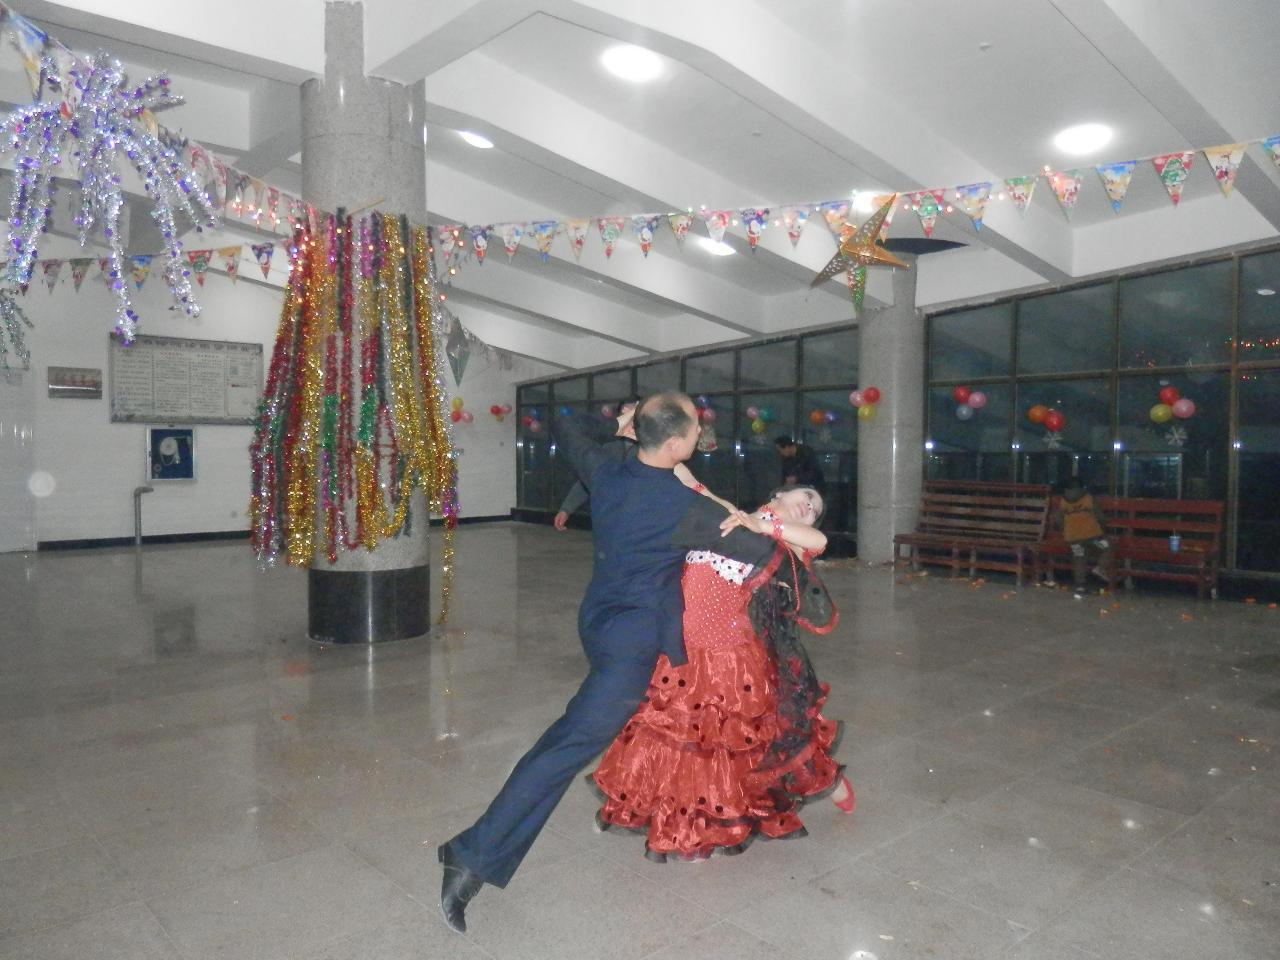 余江舞蹈家協會交誼舞培訓中心招收學員